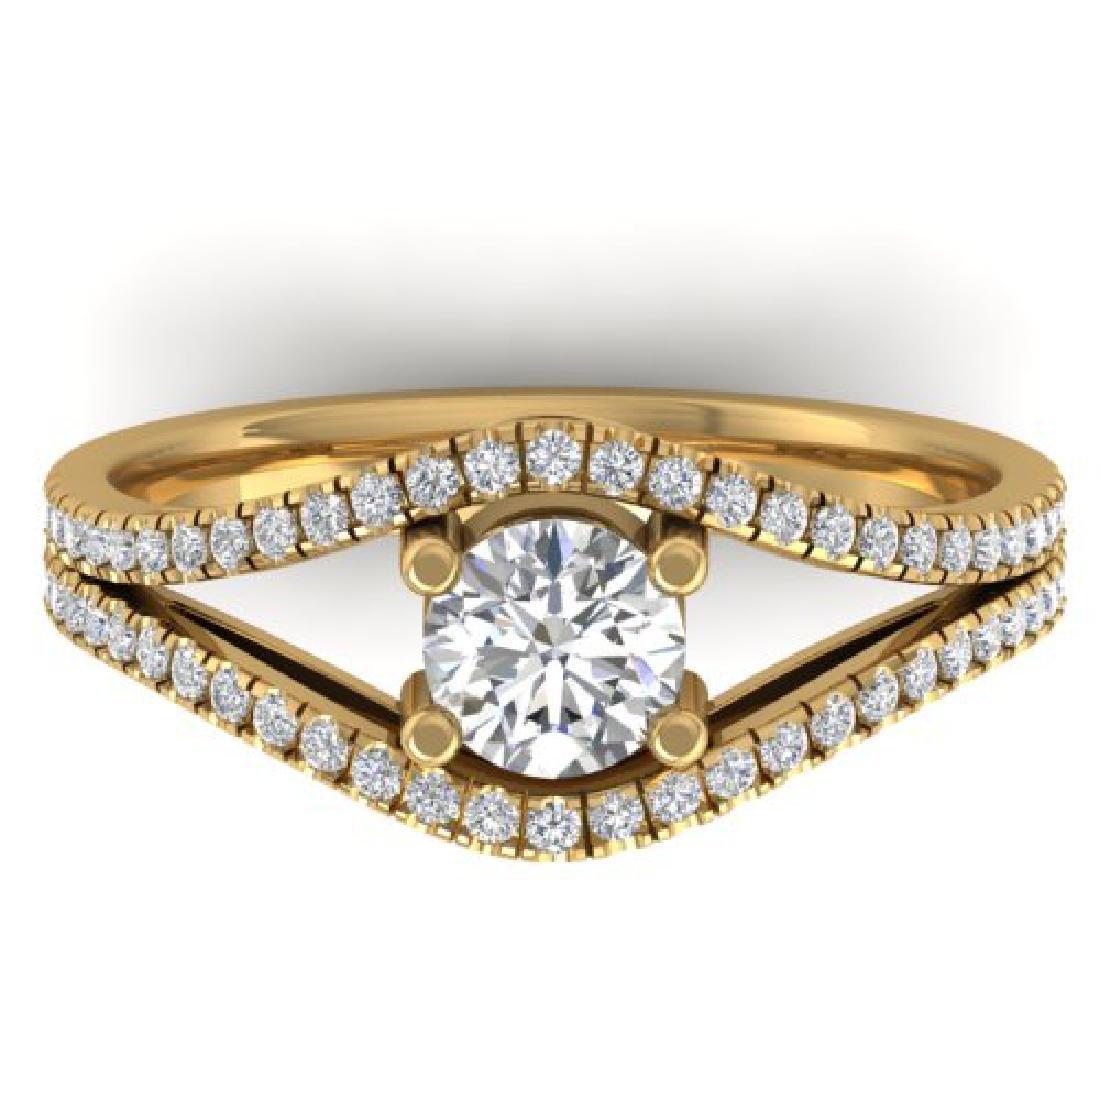 1.05 CTW Certified VS/SI Diamond Art Deco Ring 18K